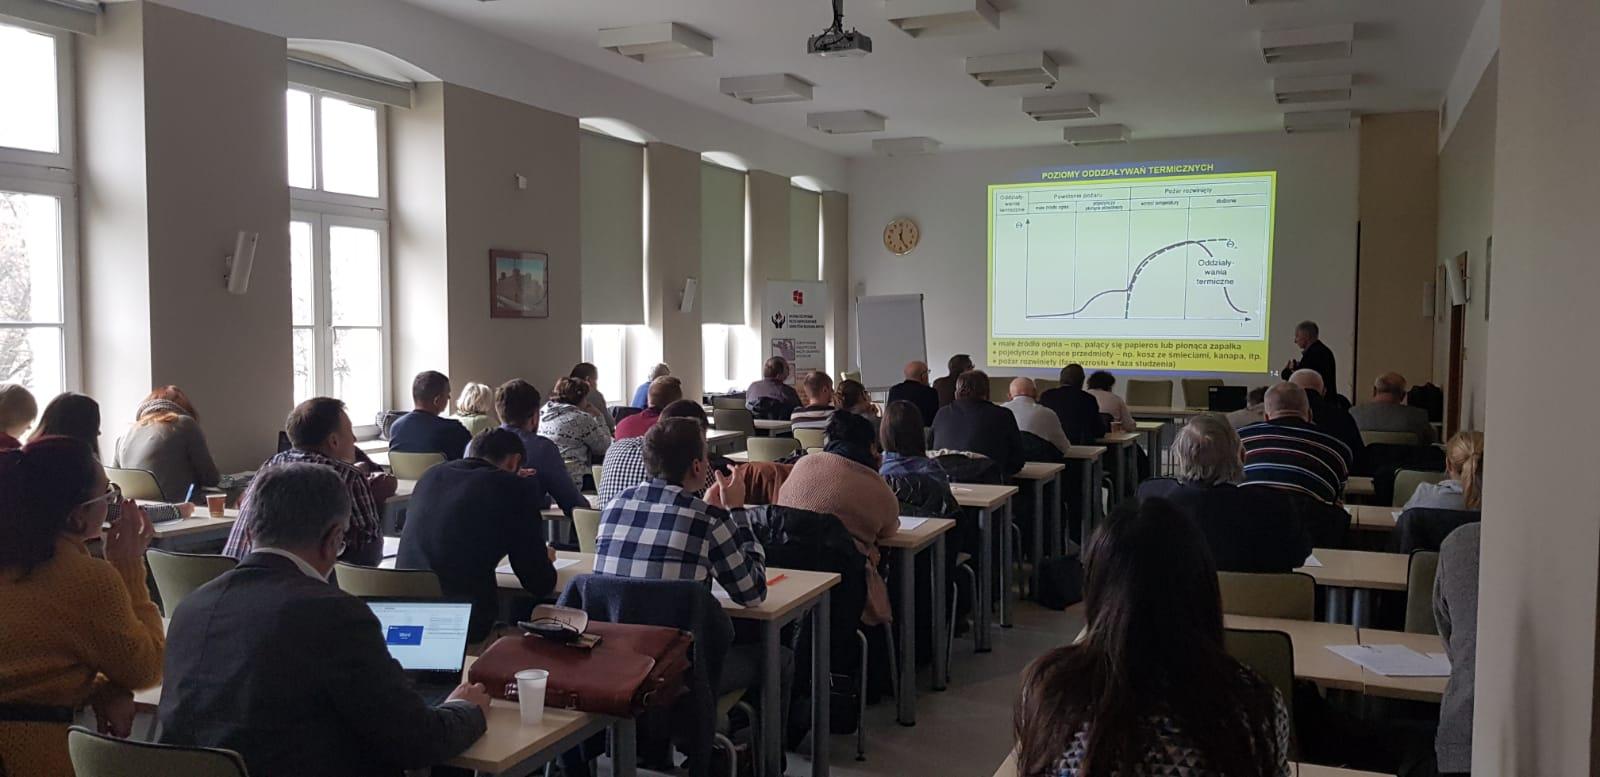 Szkolenia PSG dla członków Polskiej Izby Inżynierów Budownictwa